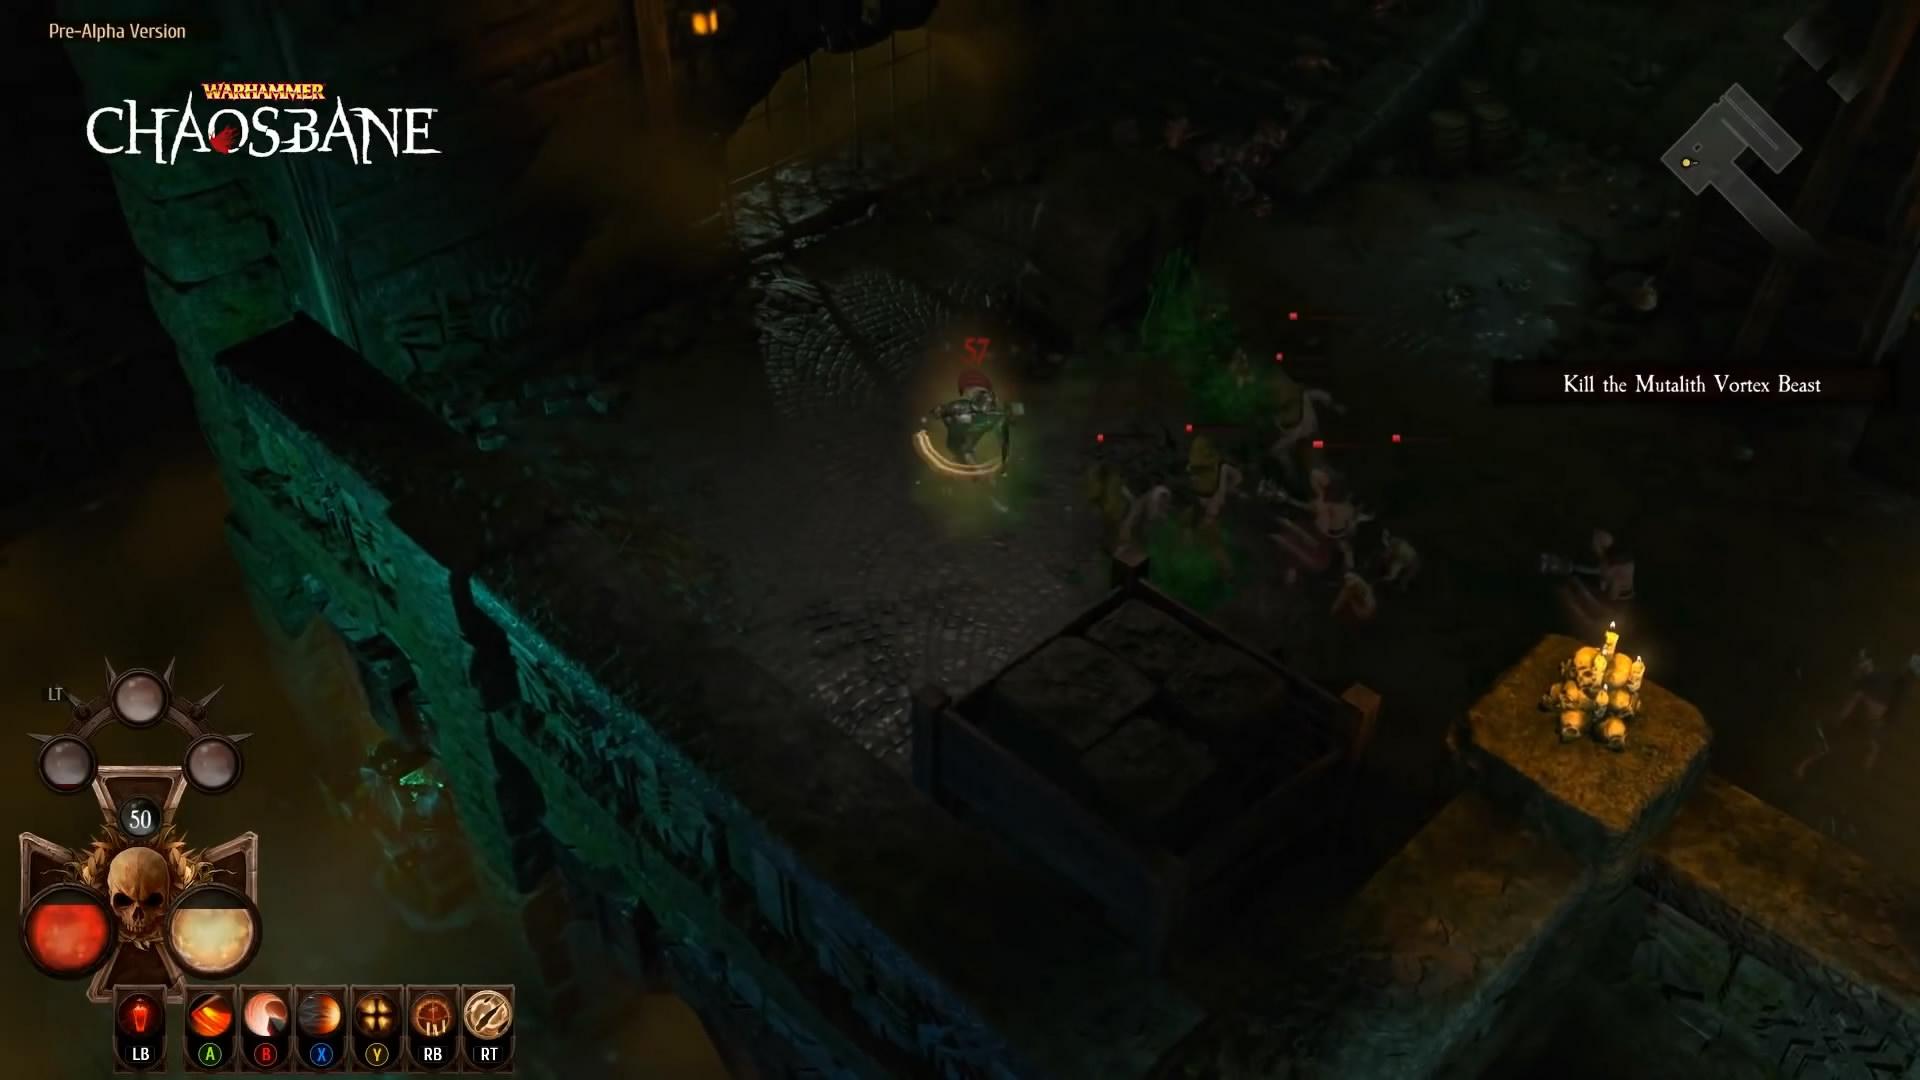 黑暗血腥 中古战锤ARPG《战锤:混沌祸根》新演示视频